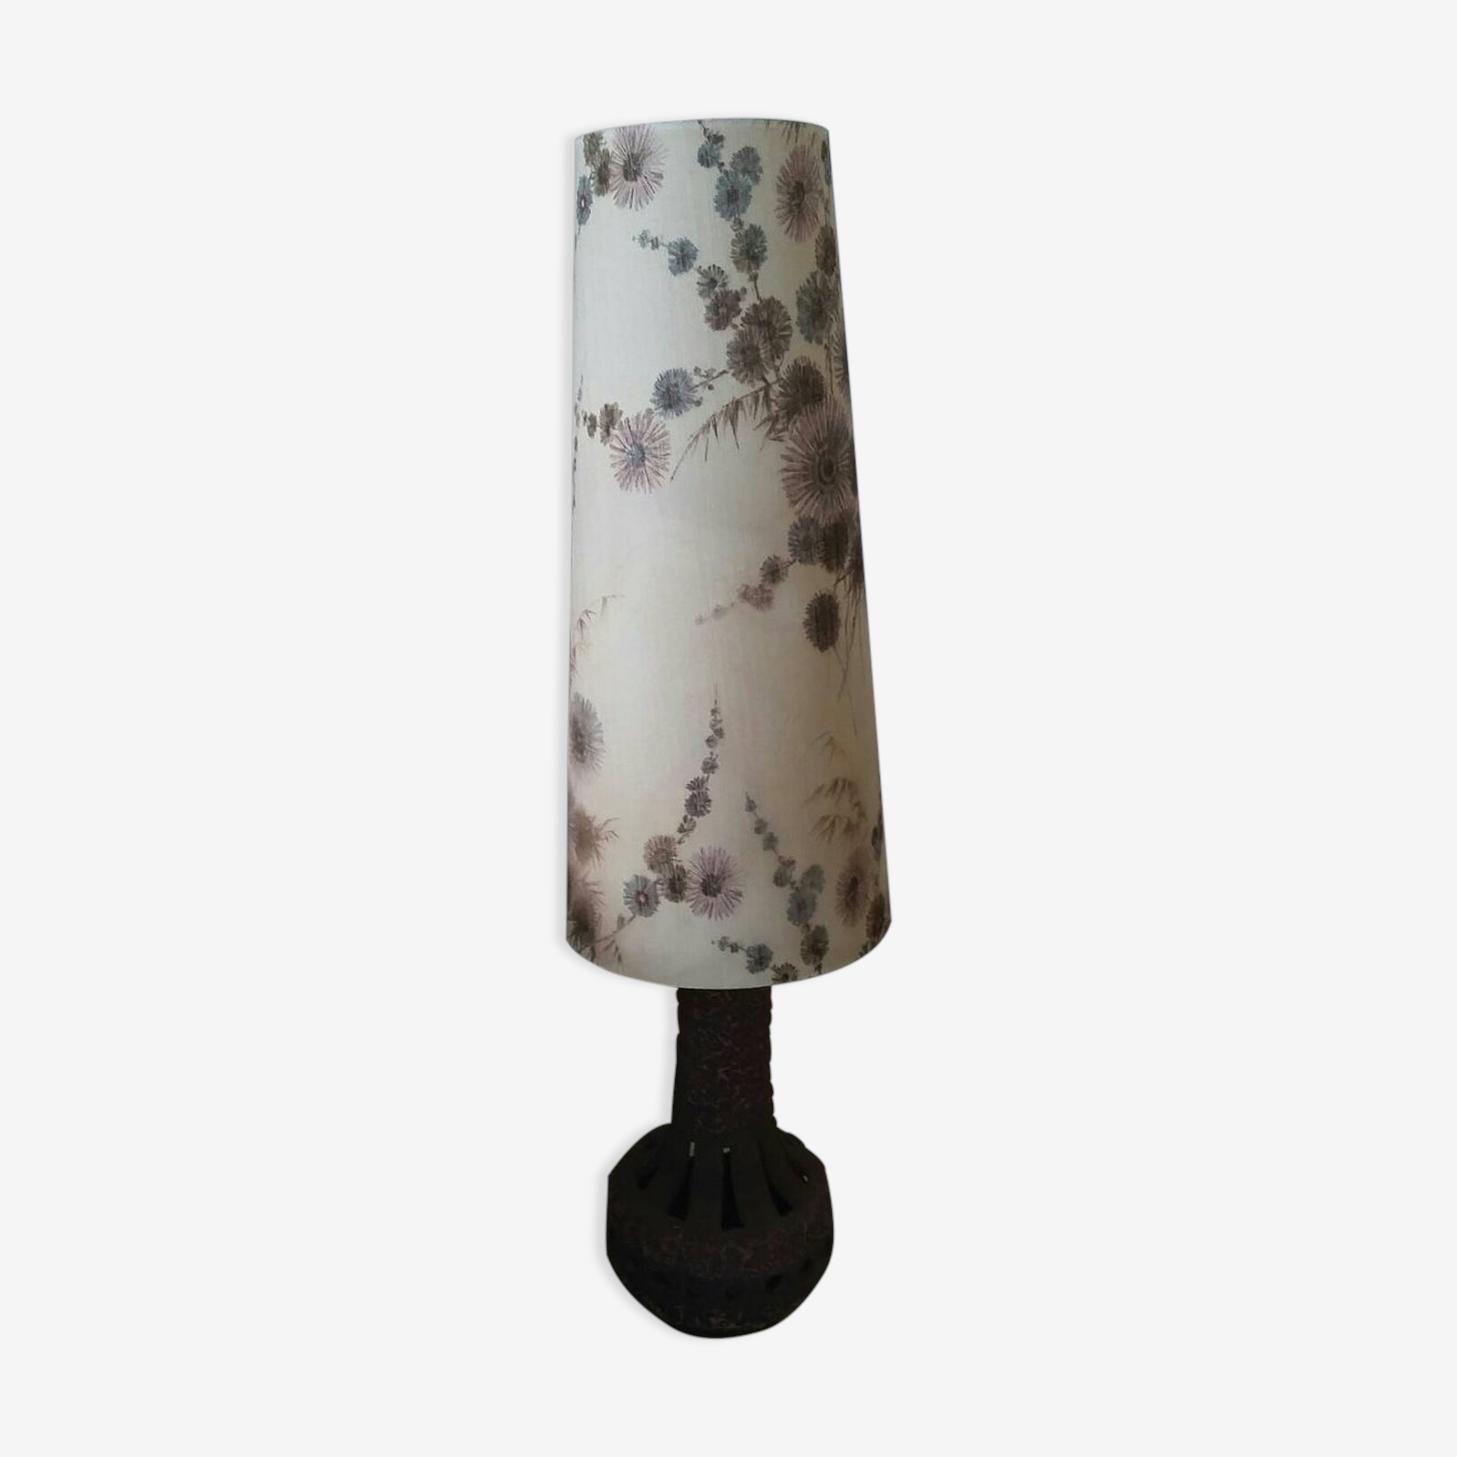 Lampe W.Germany avec pied en céramique mauve et fleurs ombre